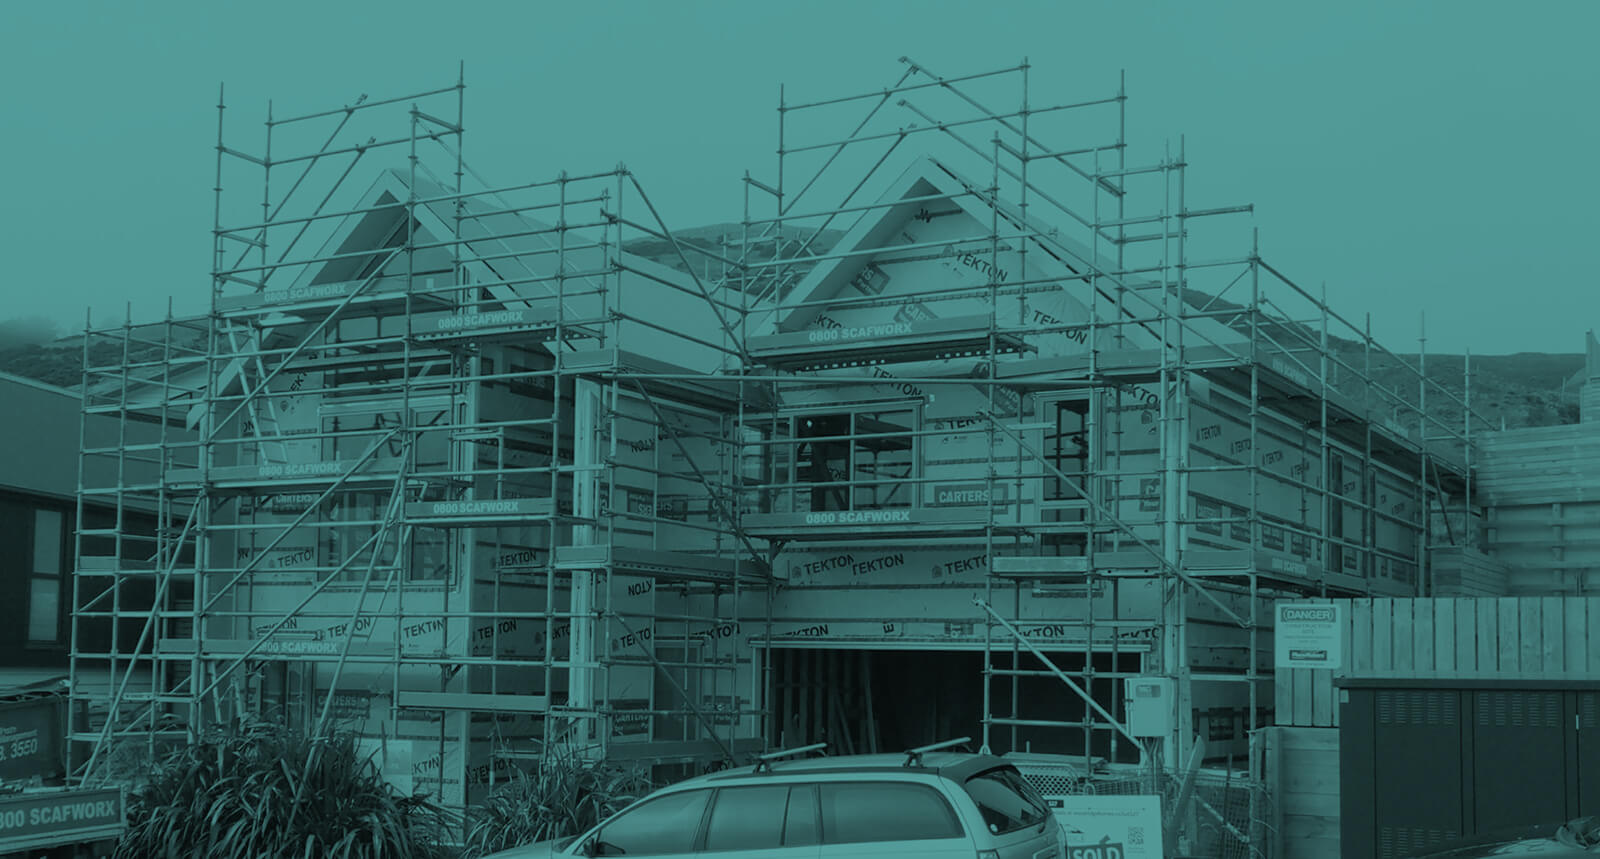 Scafworx scaffolding